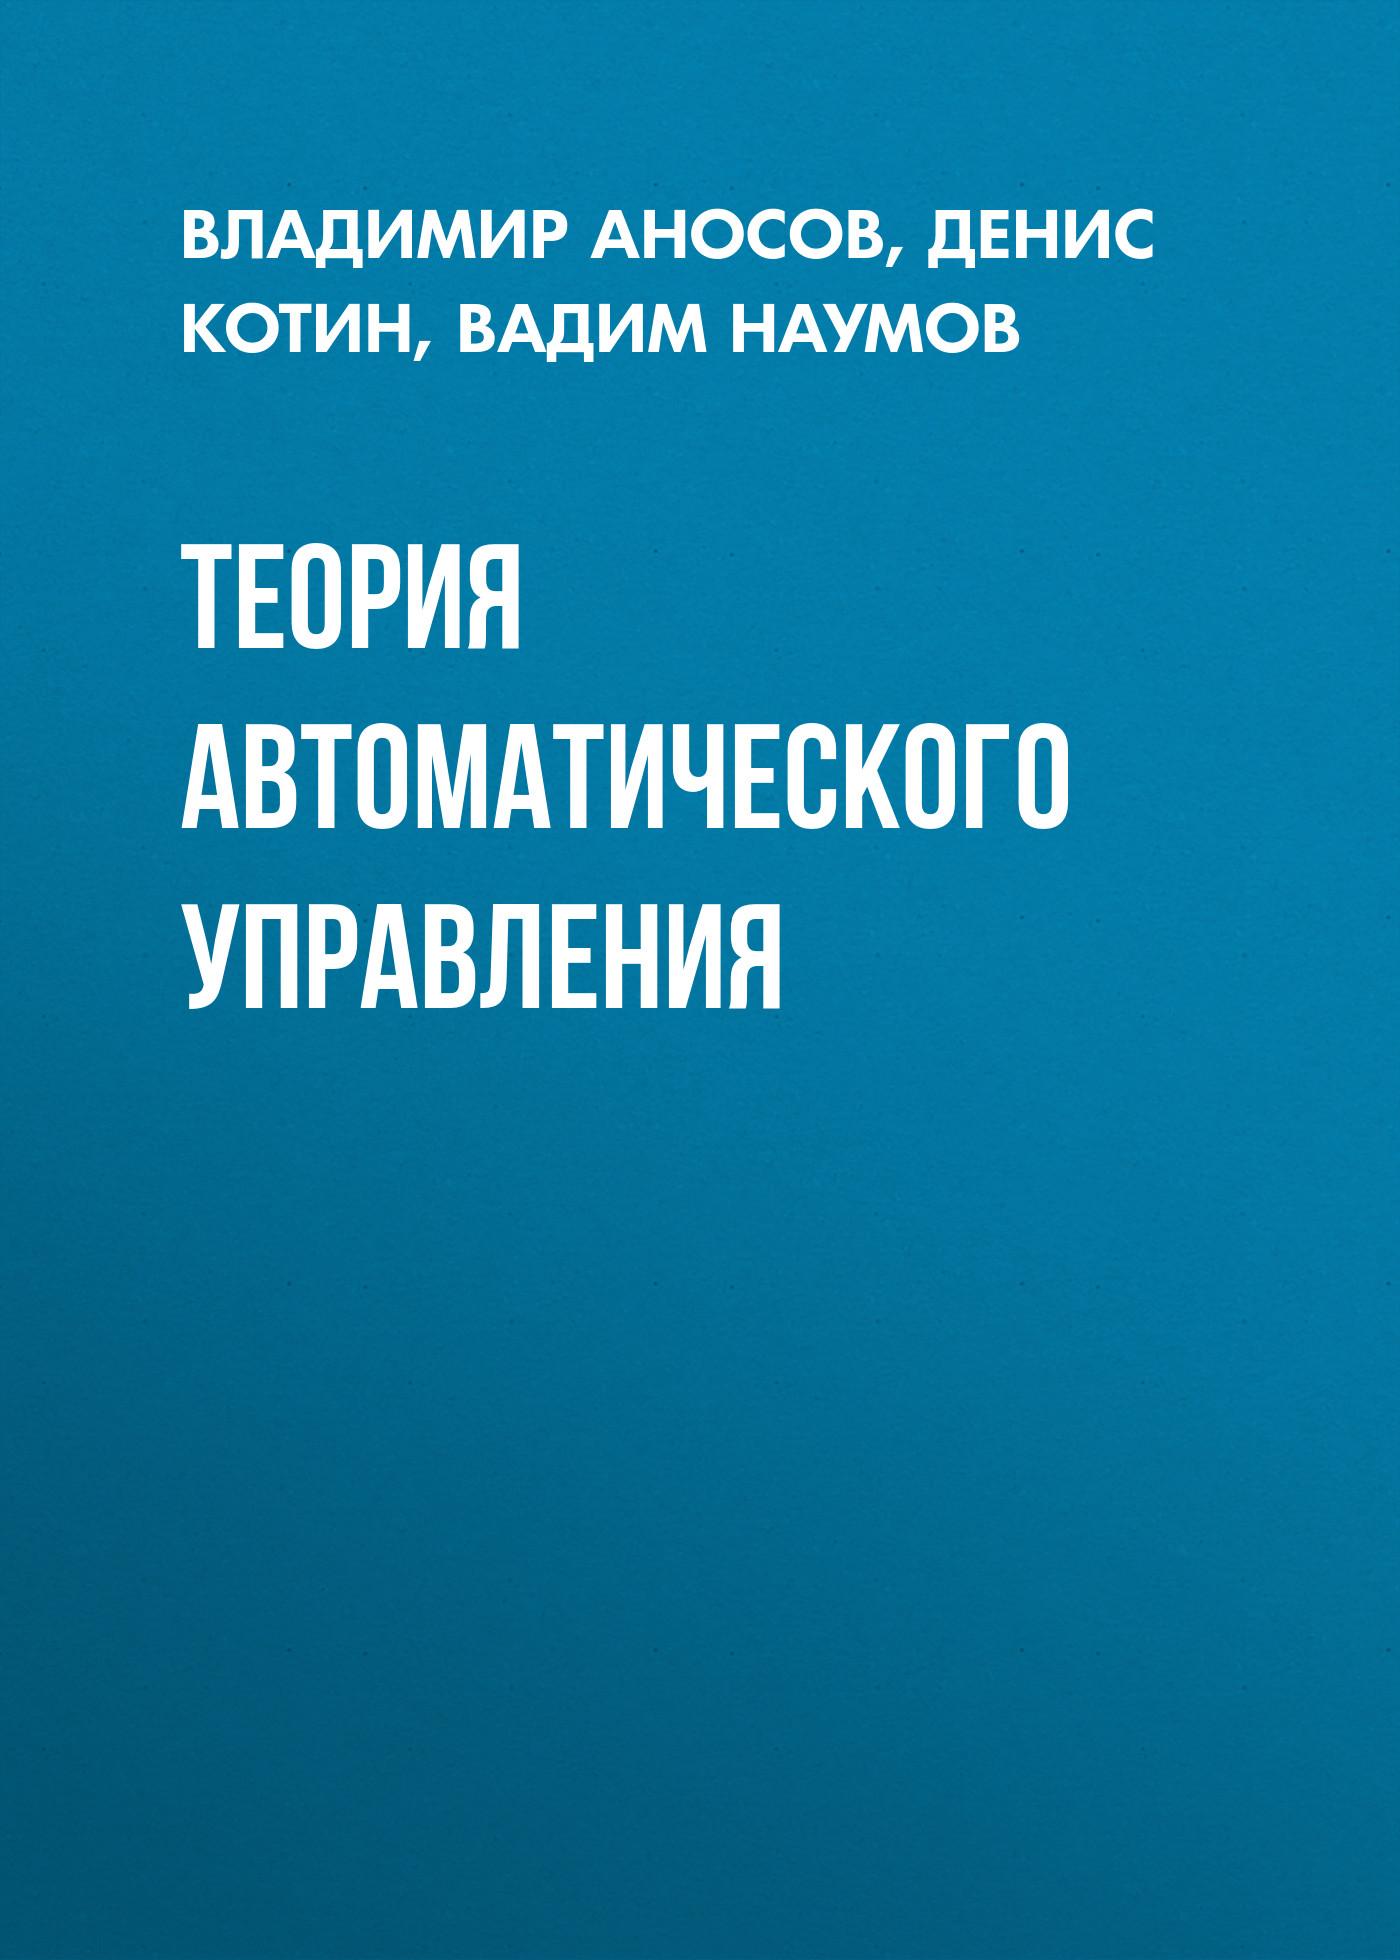 Д. А. Котин Теория автоматического управления в а яцко система автоматического анализа мнений покупателей